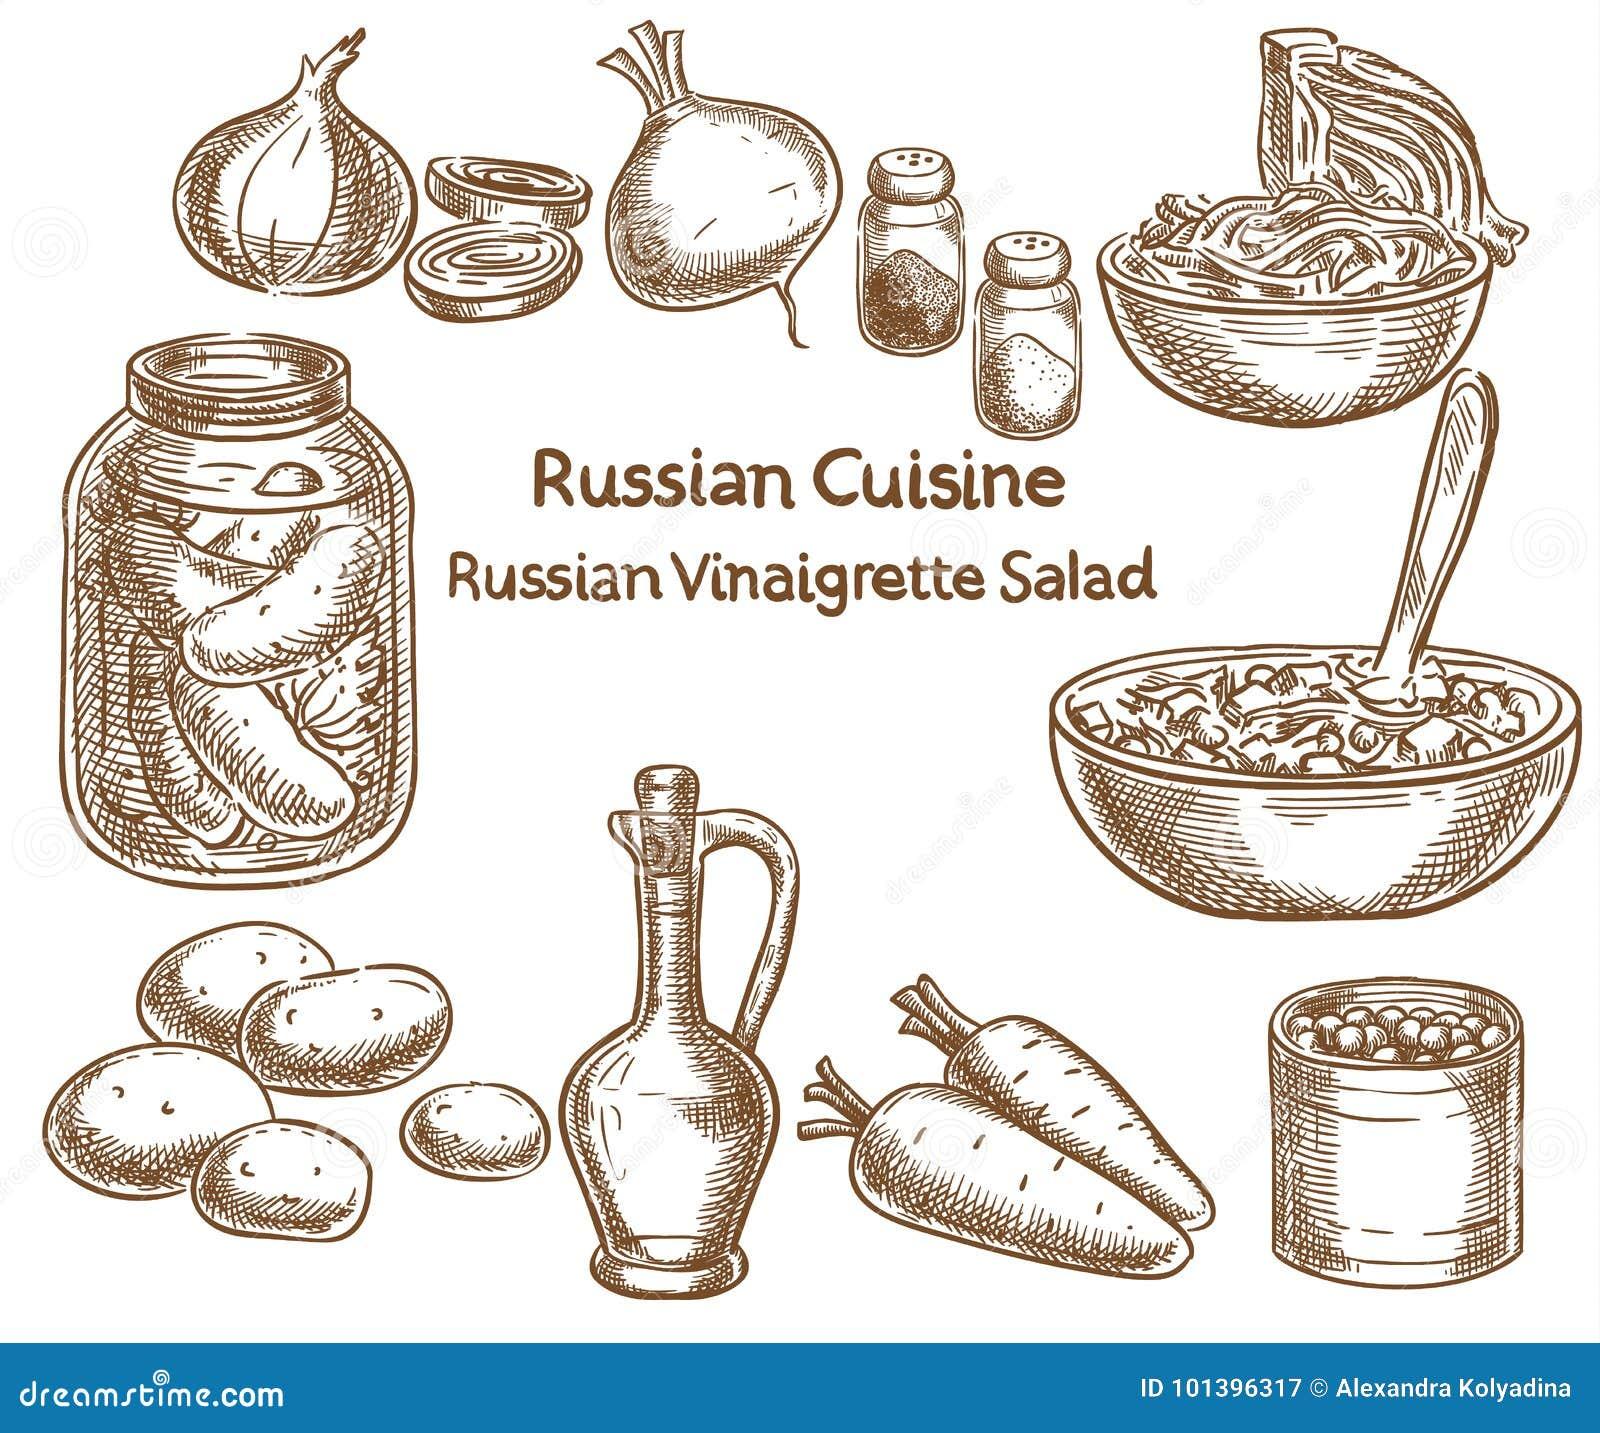 Russische keuken, Russische vinaigrettesalade, ingrediënten, vector